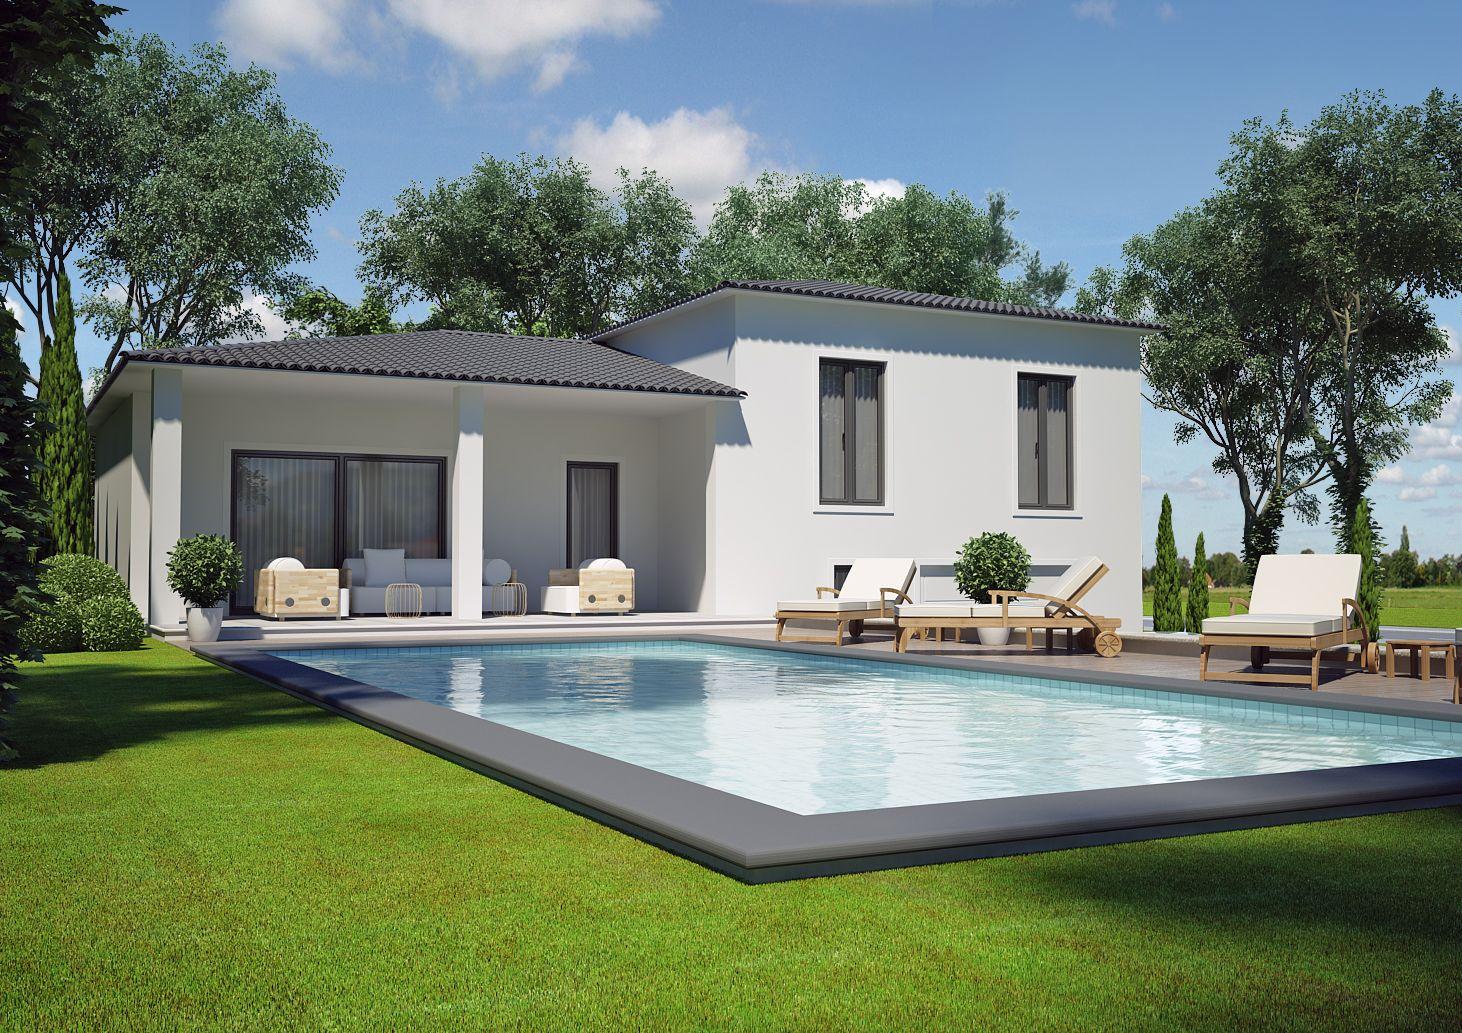 Modèle villa contemporaine 100m2 demi étage agate azur logement provençal